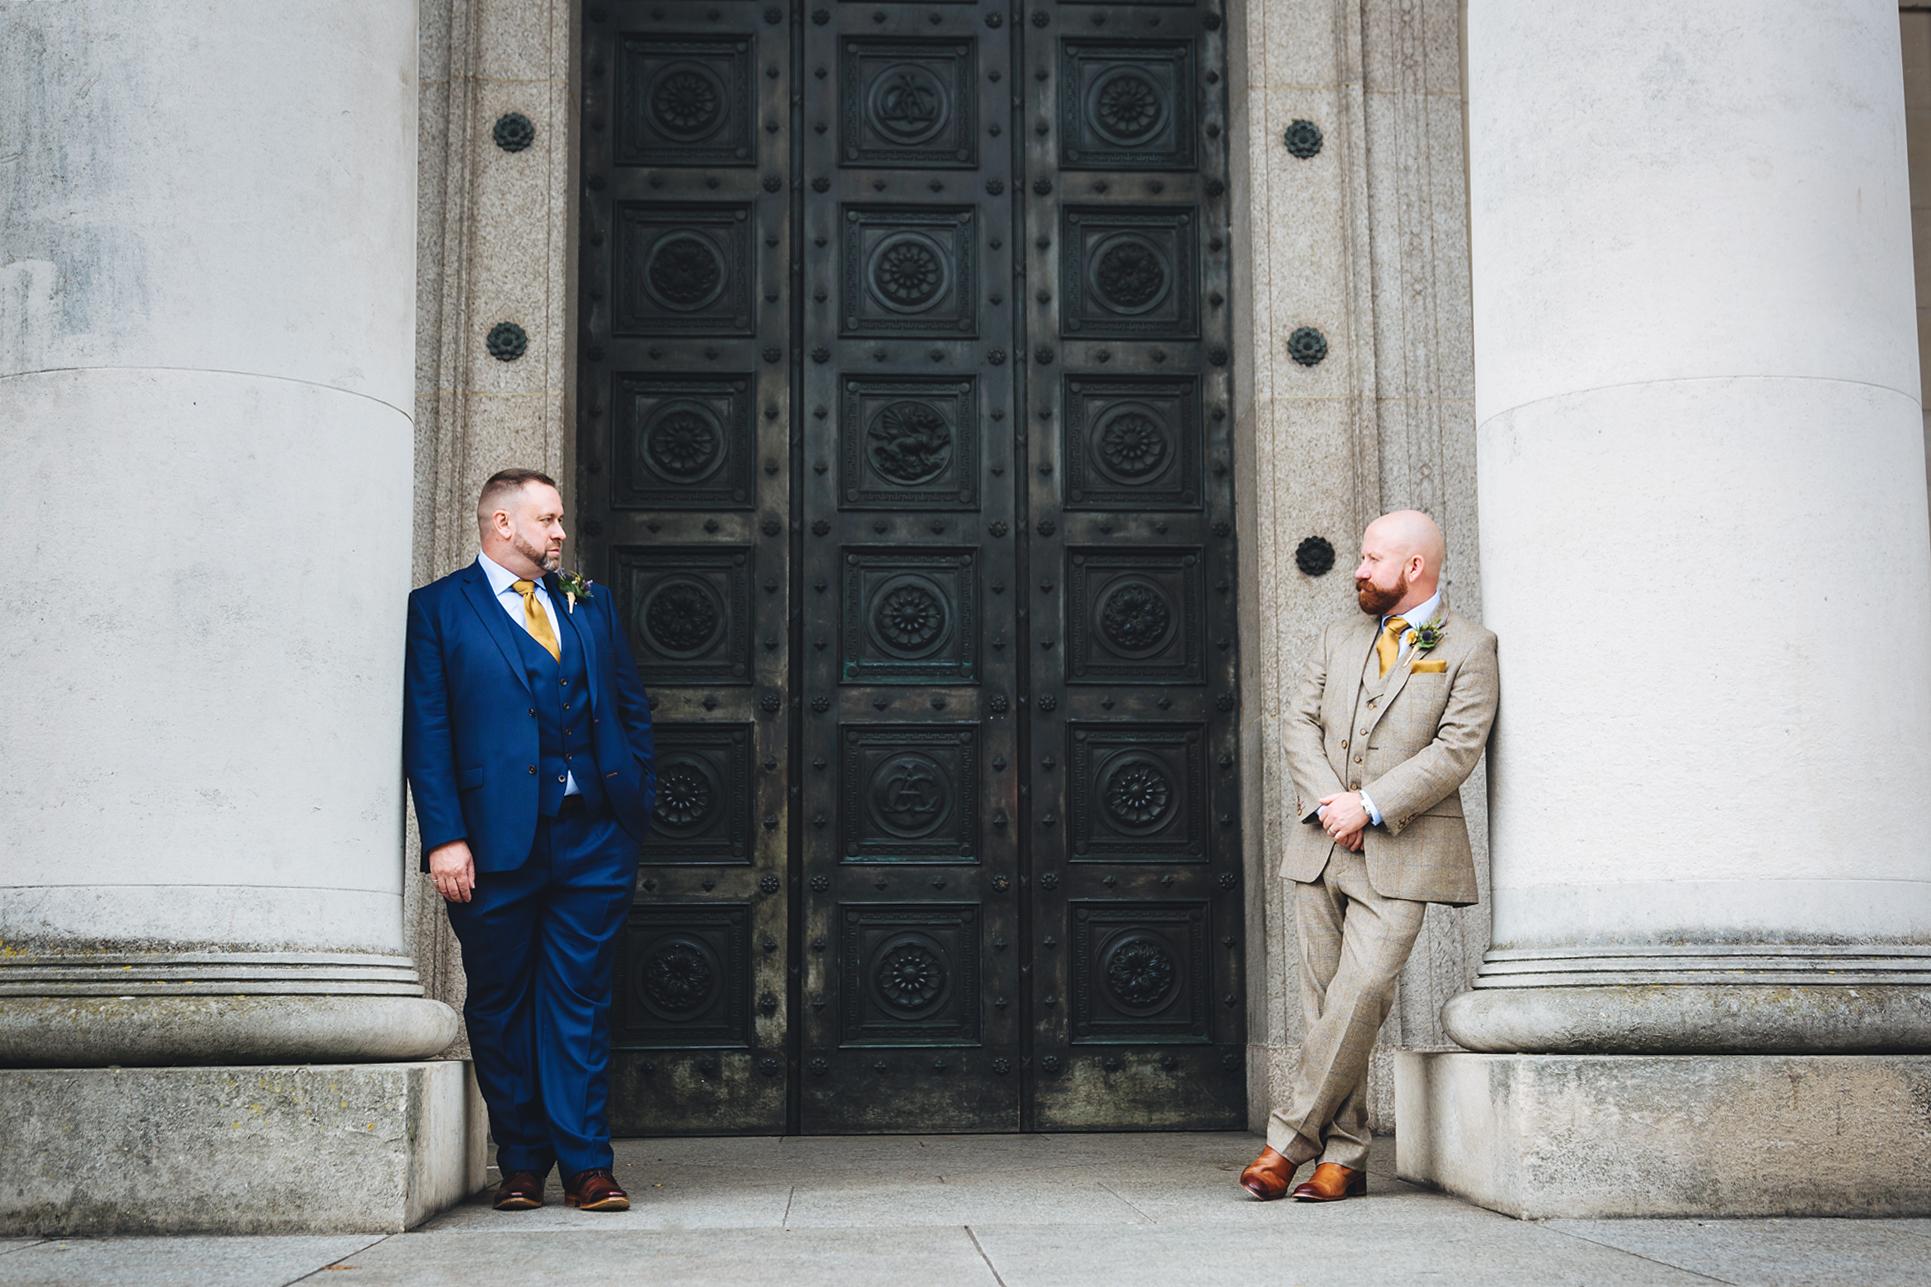 Gay wedding City Hall Cardiff. Gay friendly wedding photographer